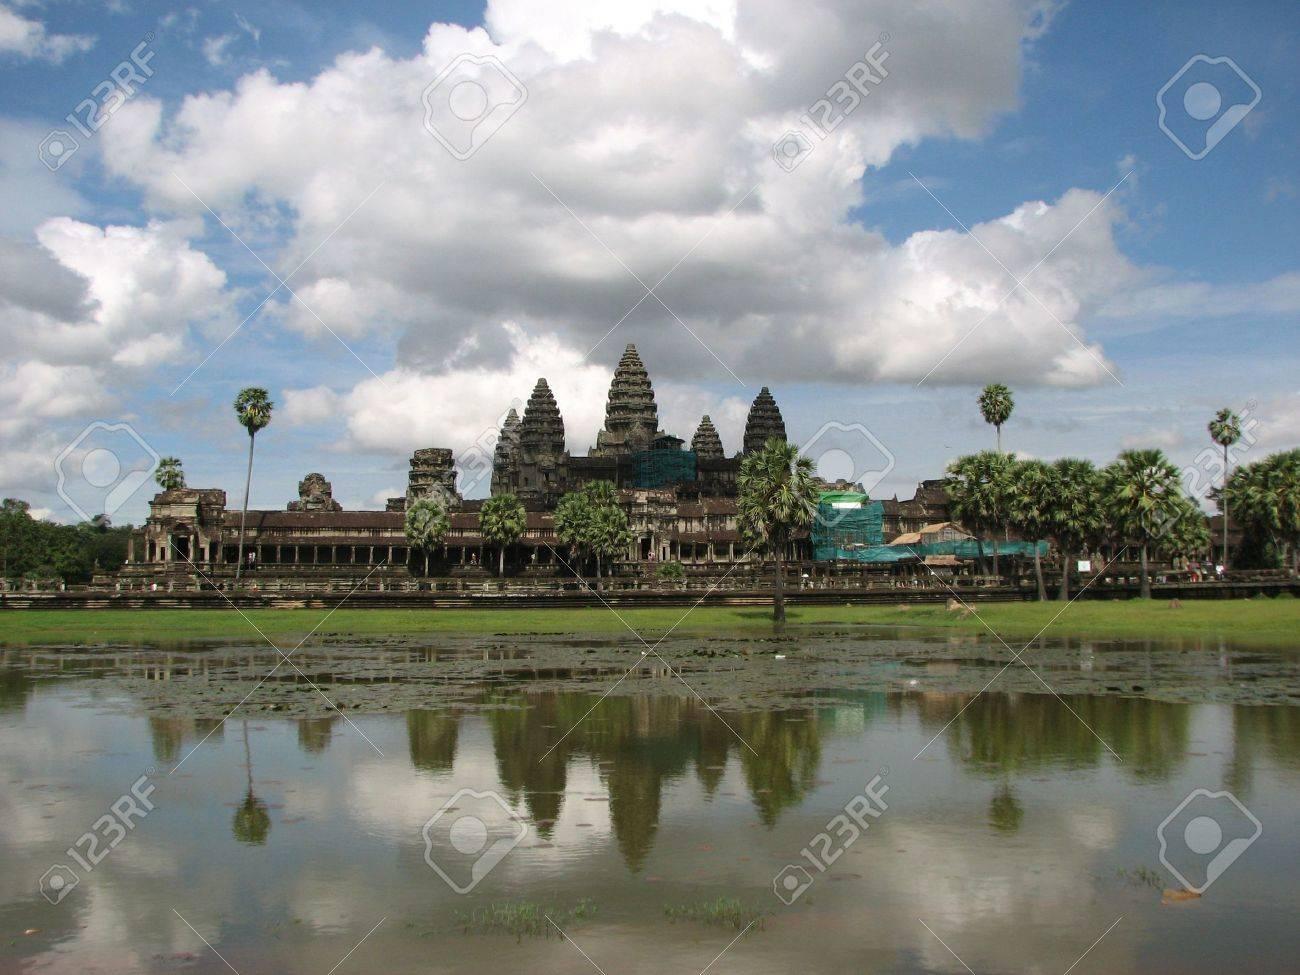 Angkor Wat at Angkor, Cambodia Stock Photo - 7855021